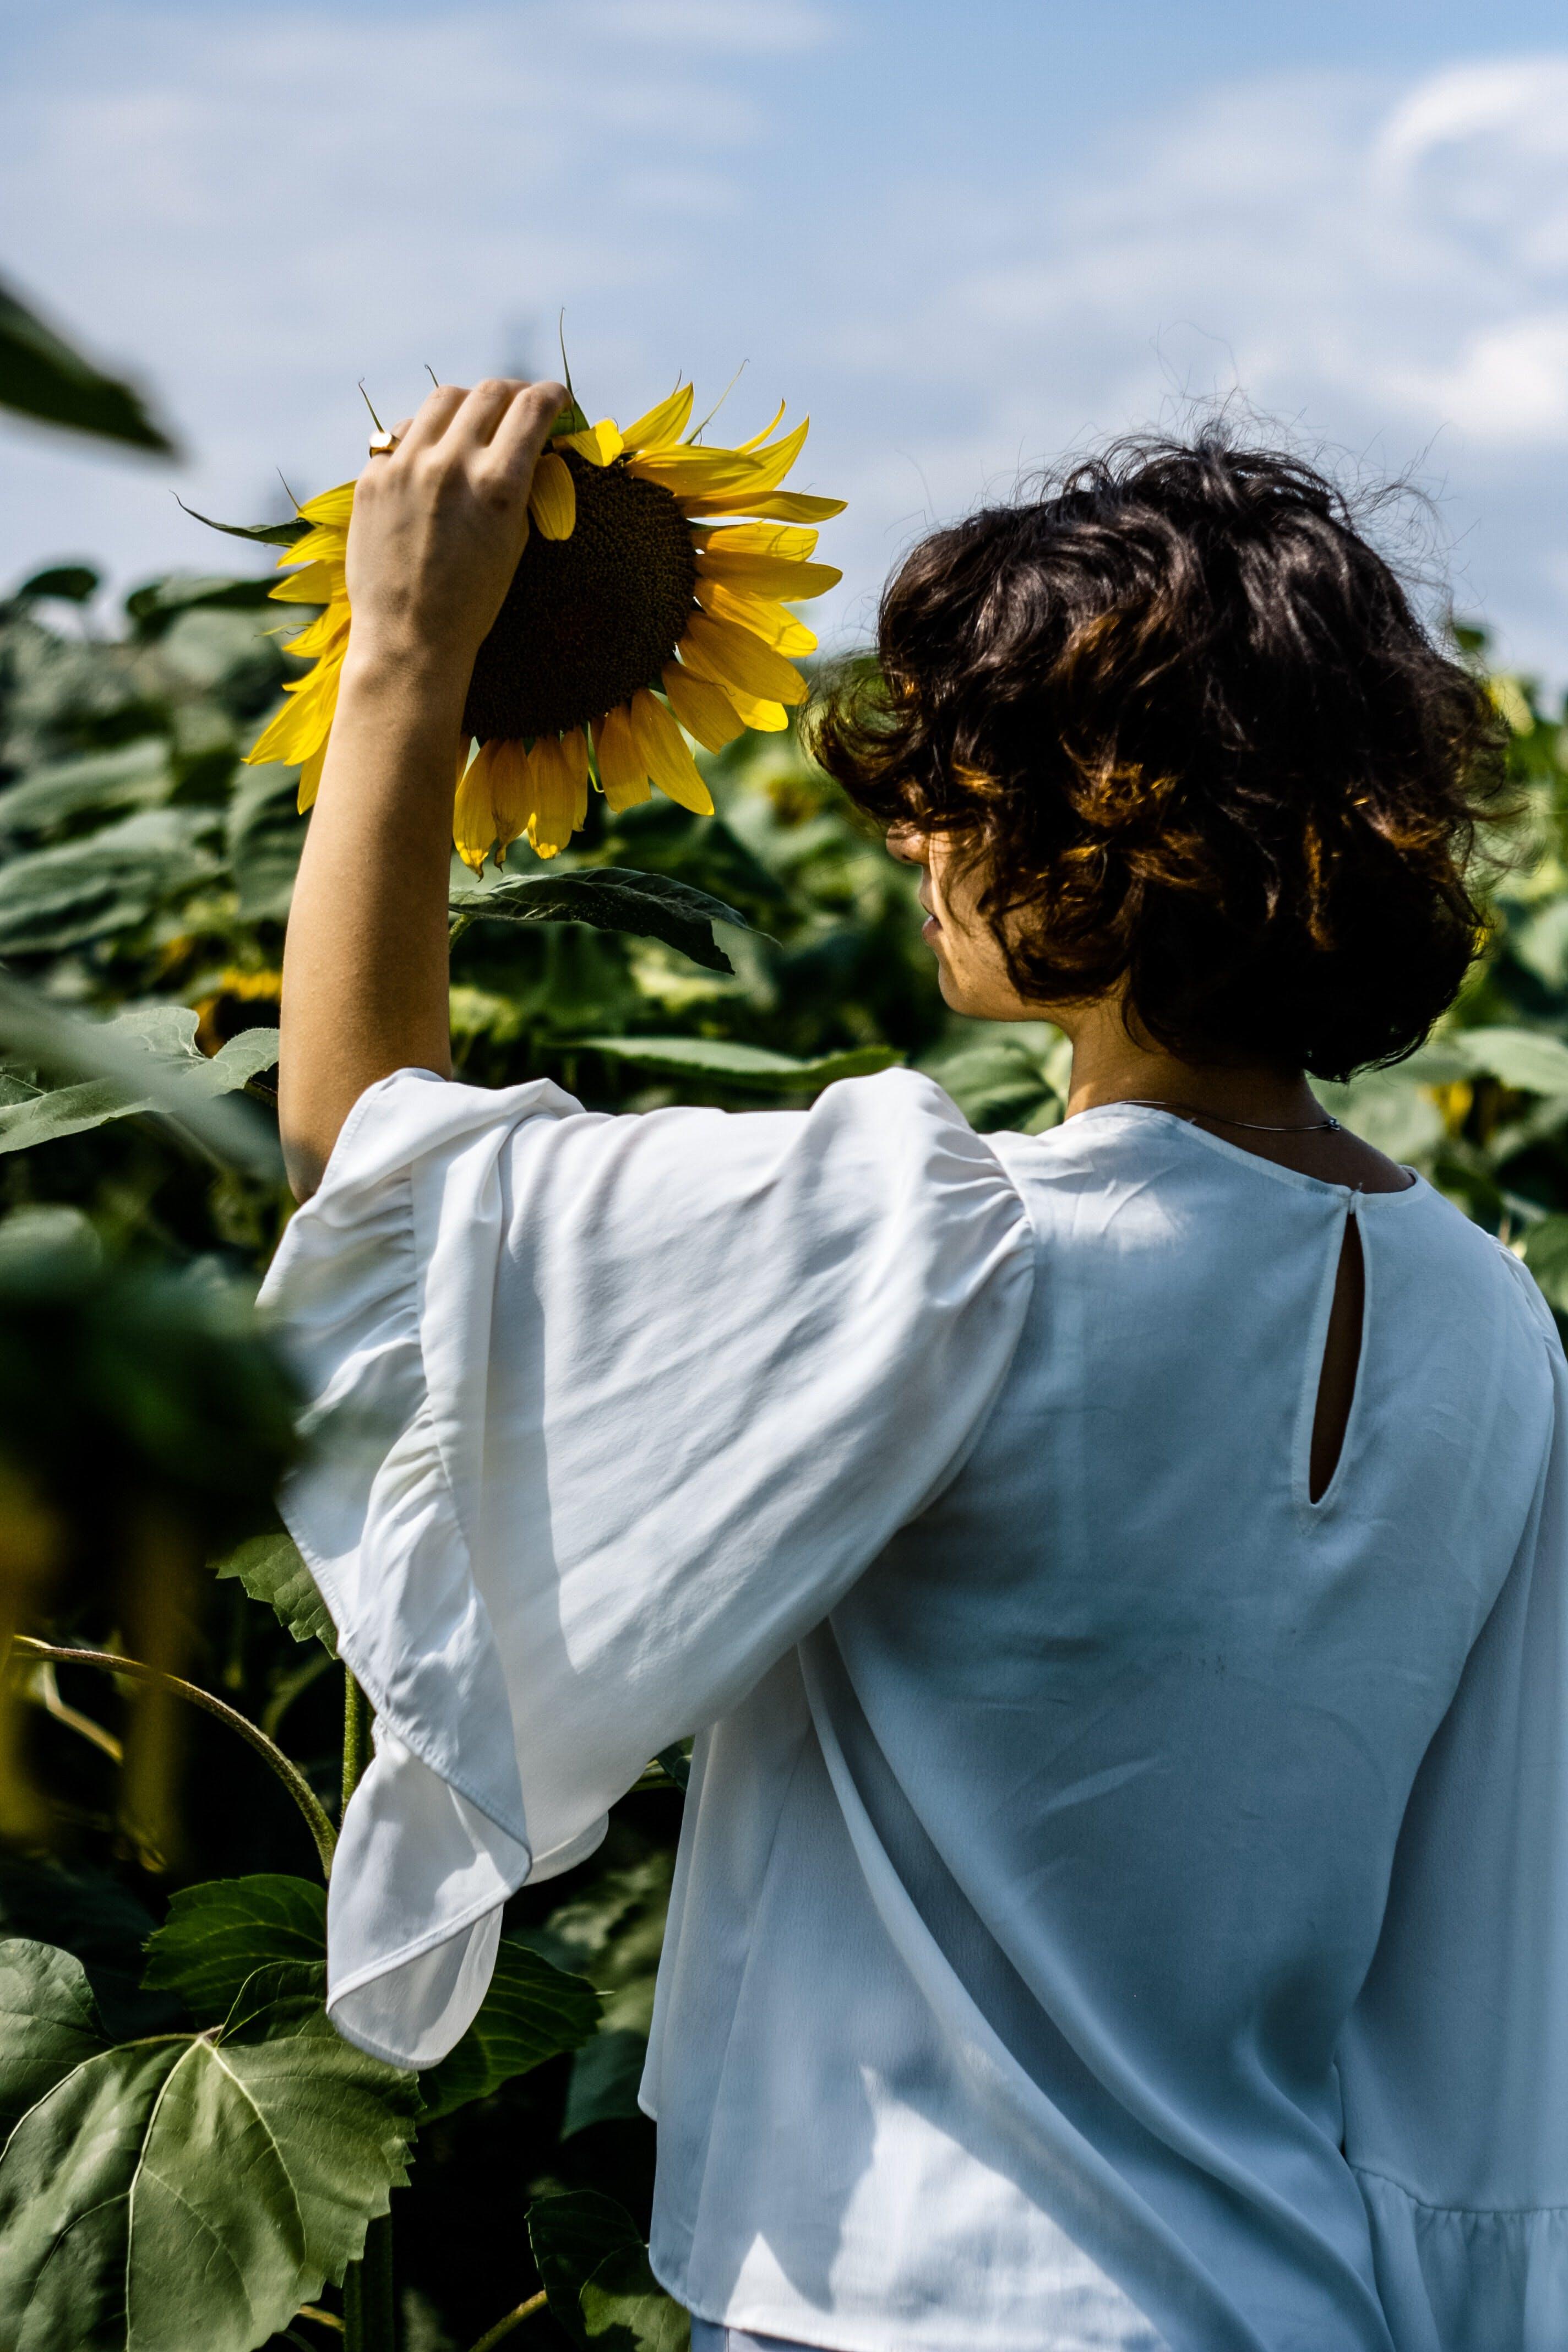 Woman Touching Sunflower